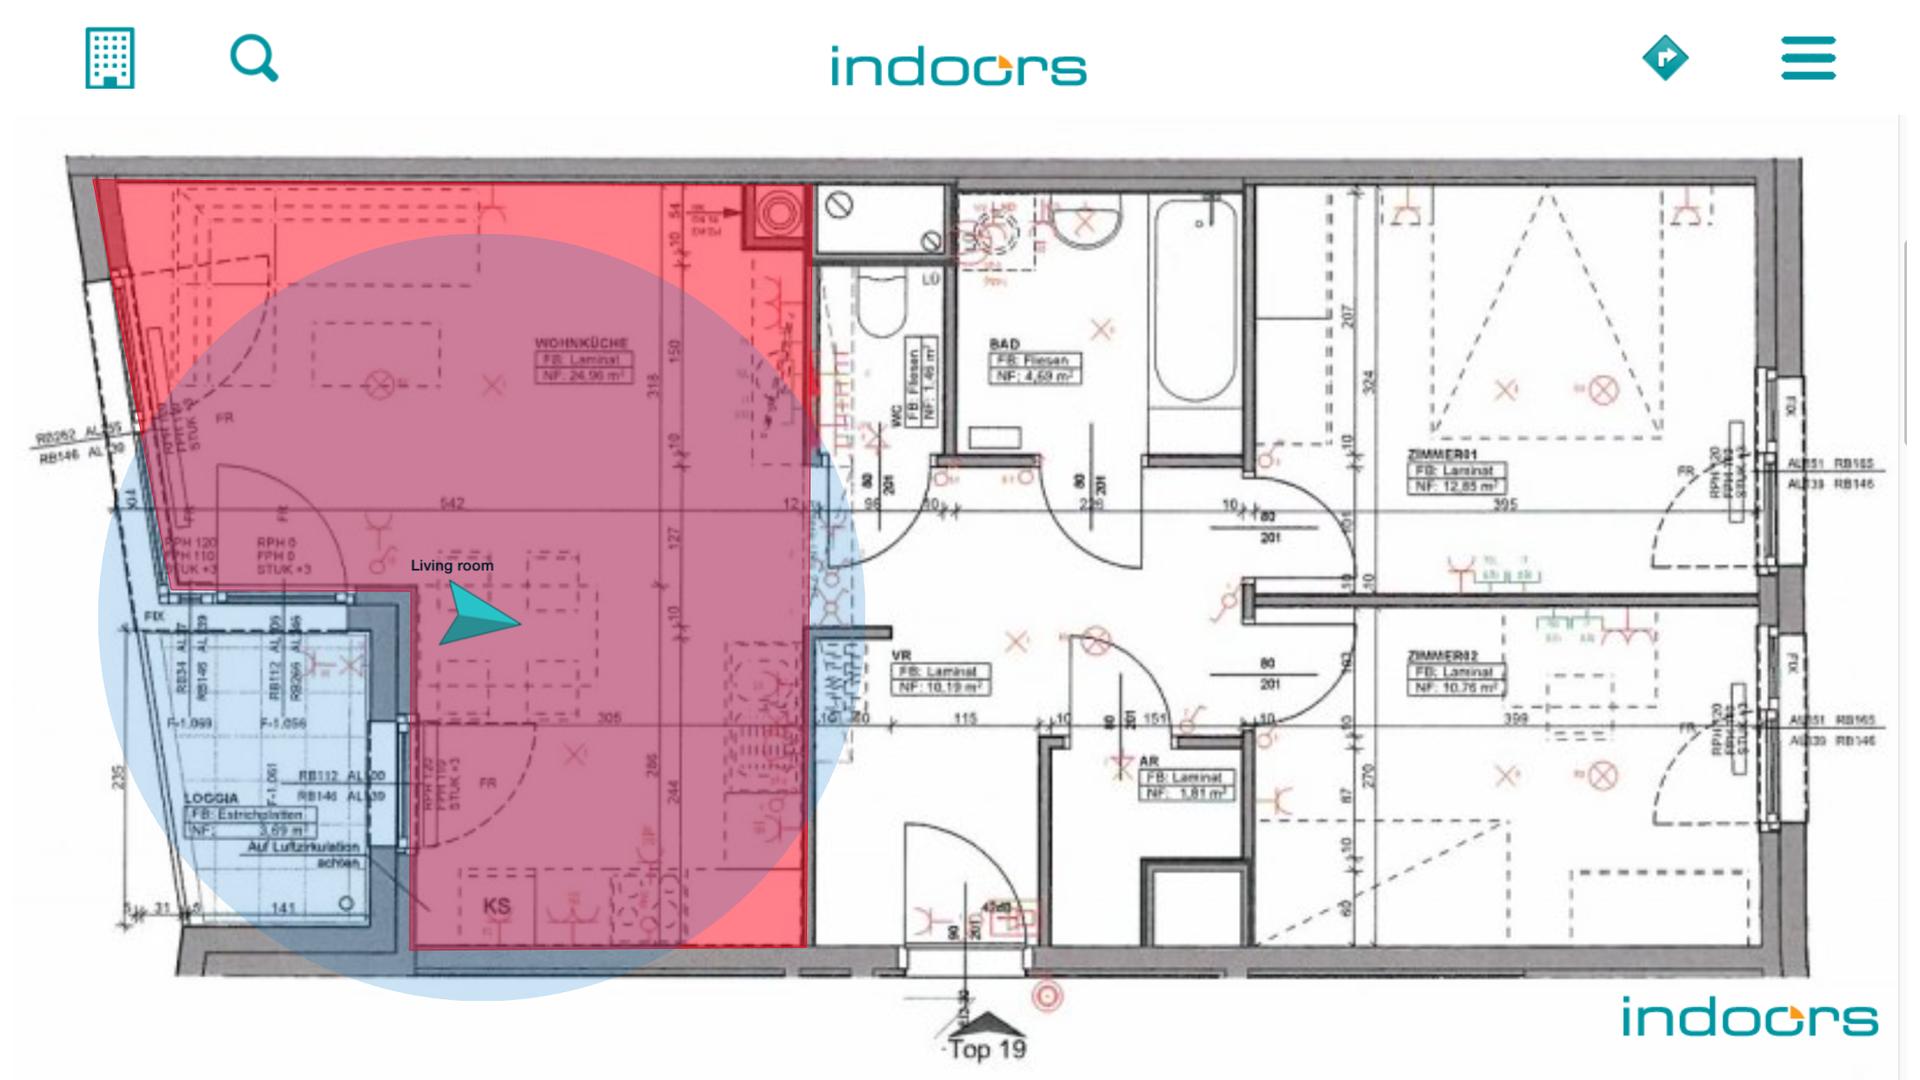 Навигация внутри помещений — первые шаги с indoo.rs NavigationSDK - 17